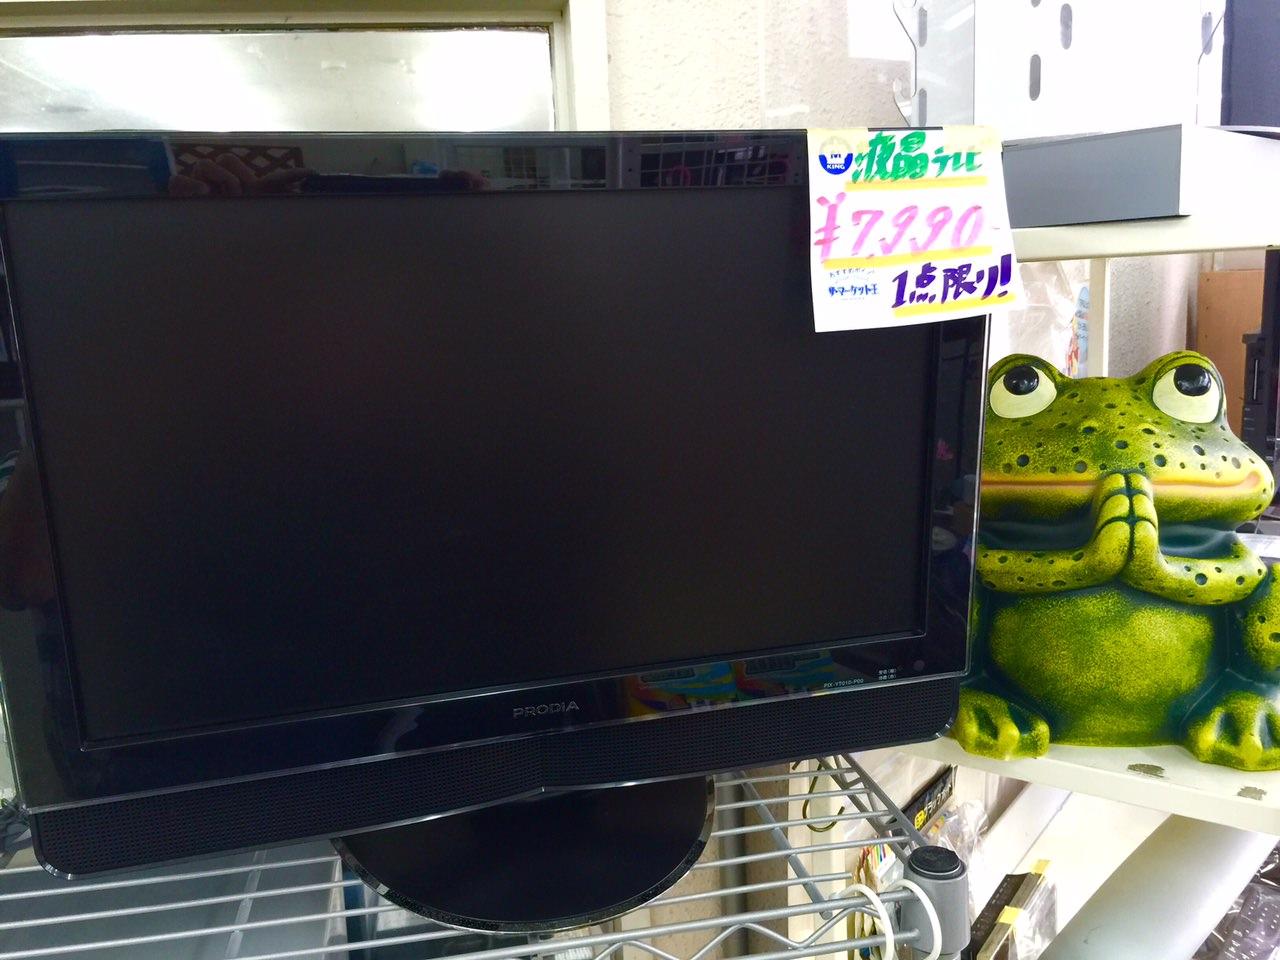 電化製品も買取ナンバー1!沖縄のリサイクルショップ!!